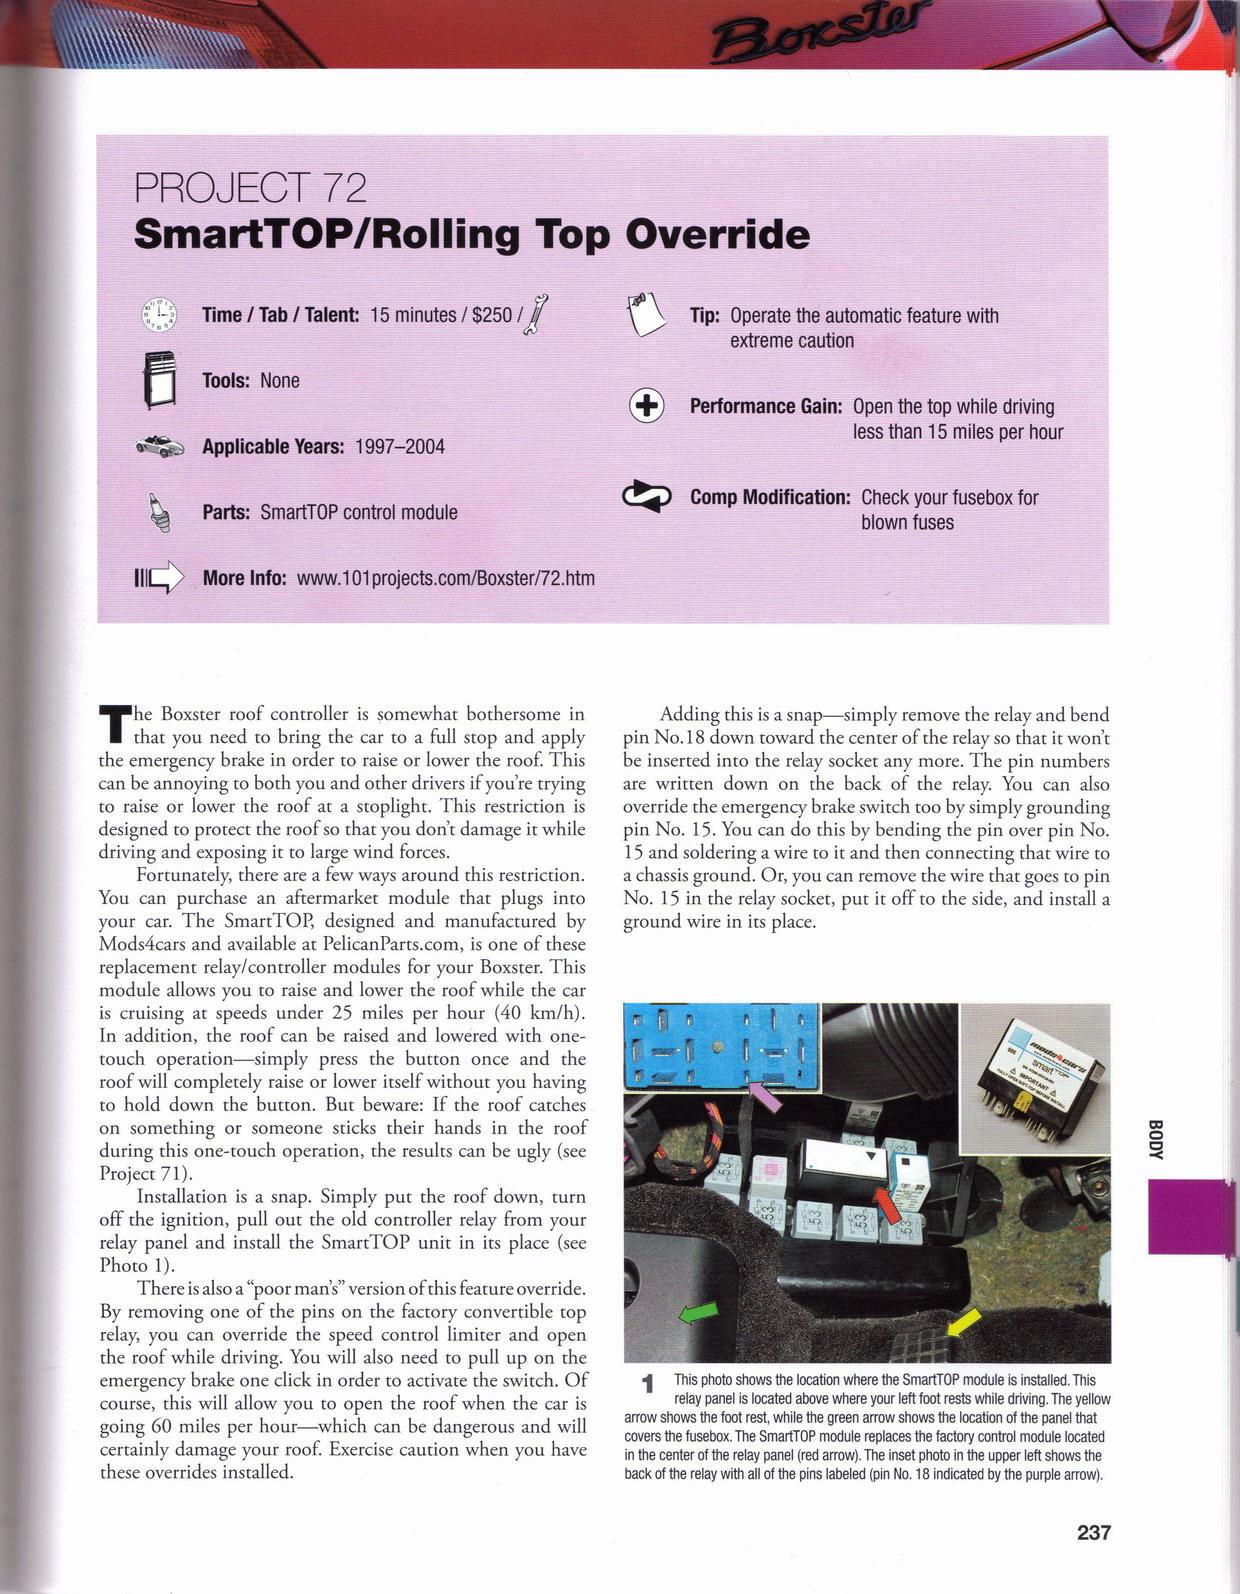 Mods4cars Online Shop Porsche Boxster Fuse Box 101 Projects 2010